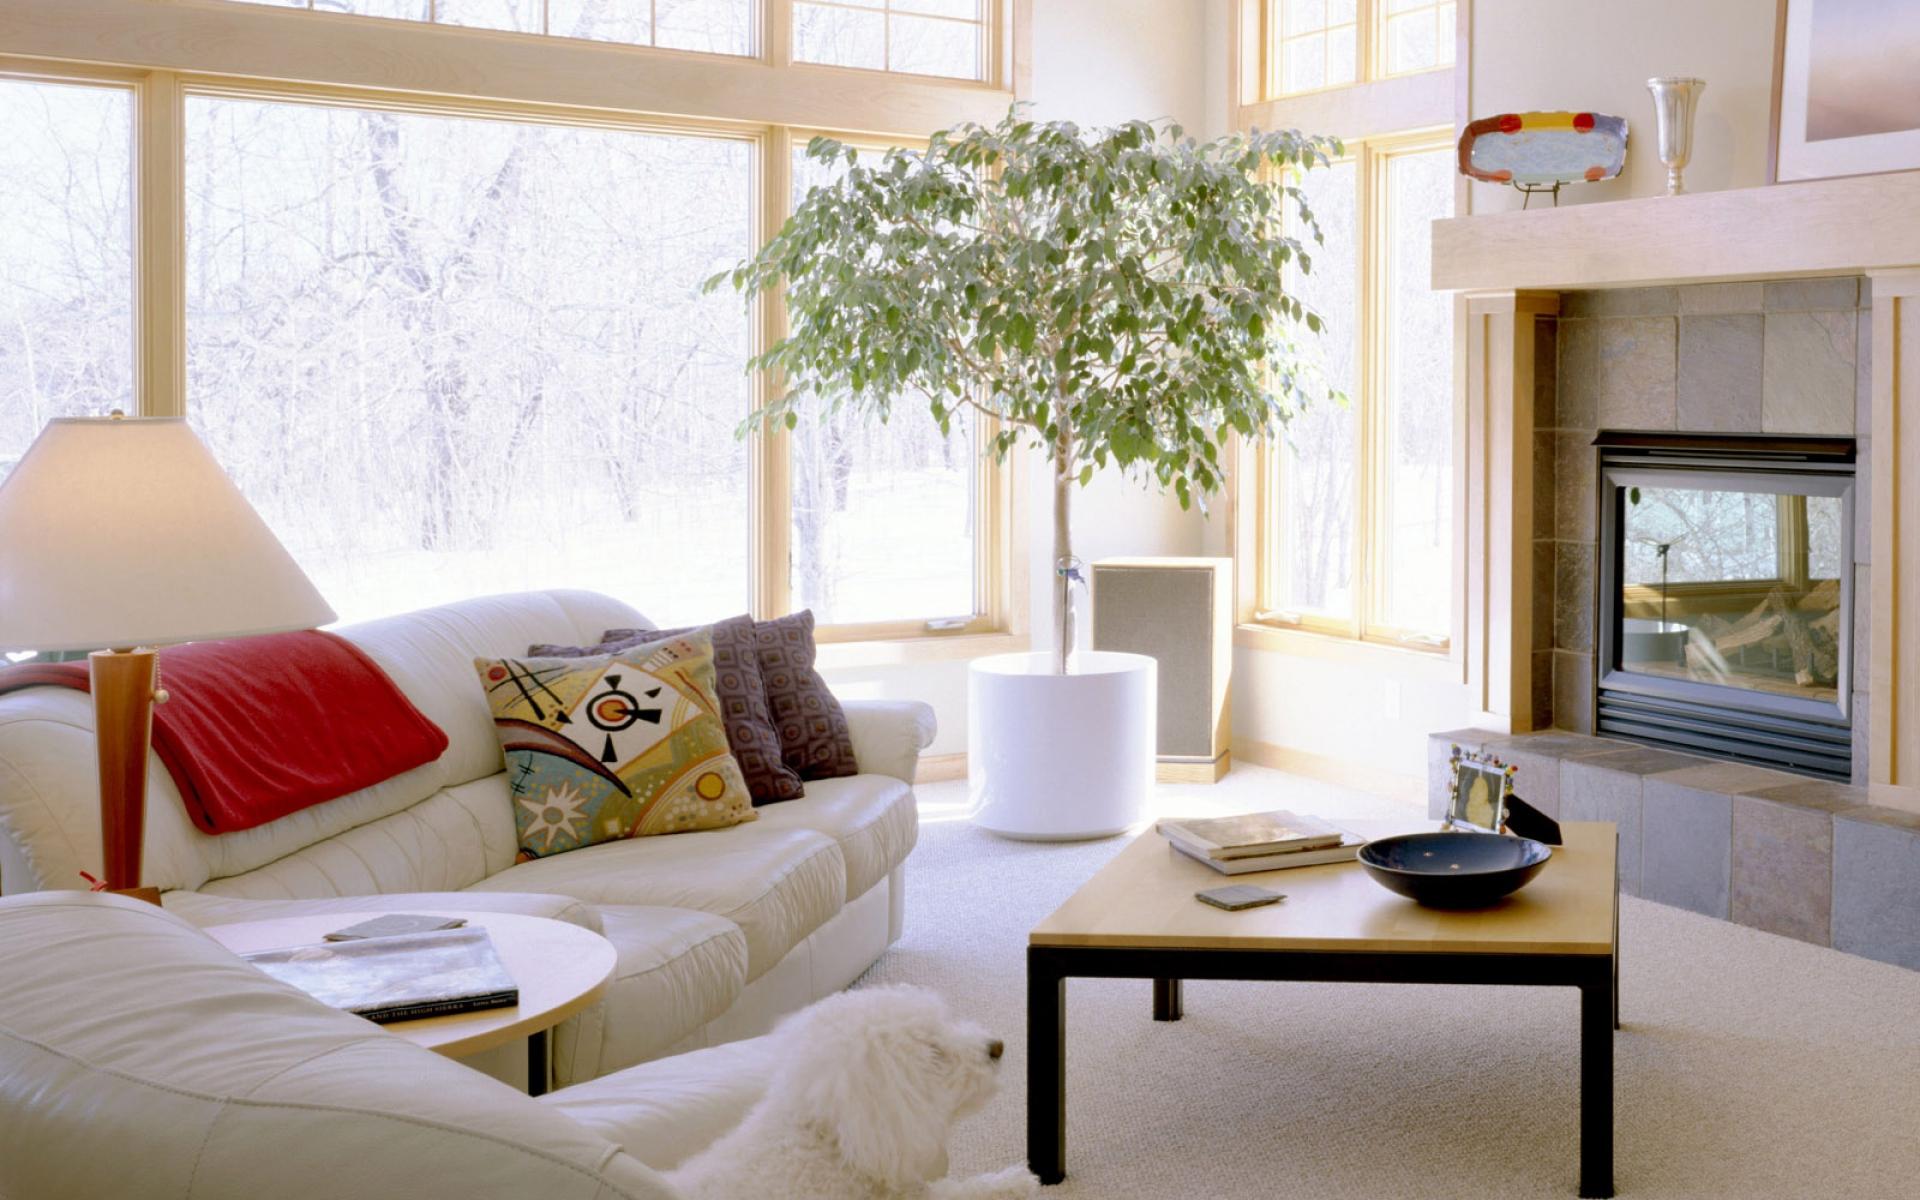 Картинки телевизор, диван, подушки, мебель, комфорт фото и обои на рабочий стол